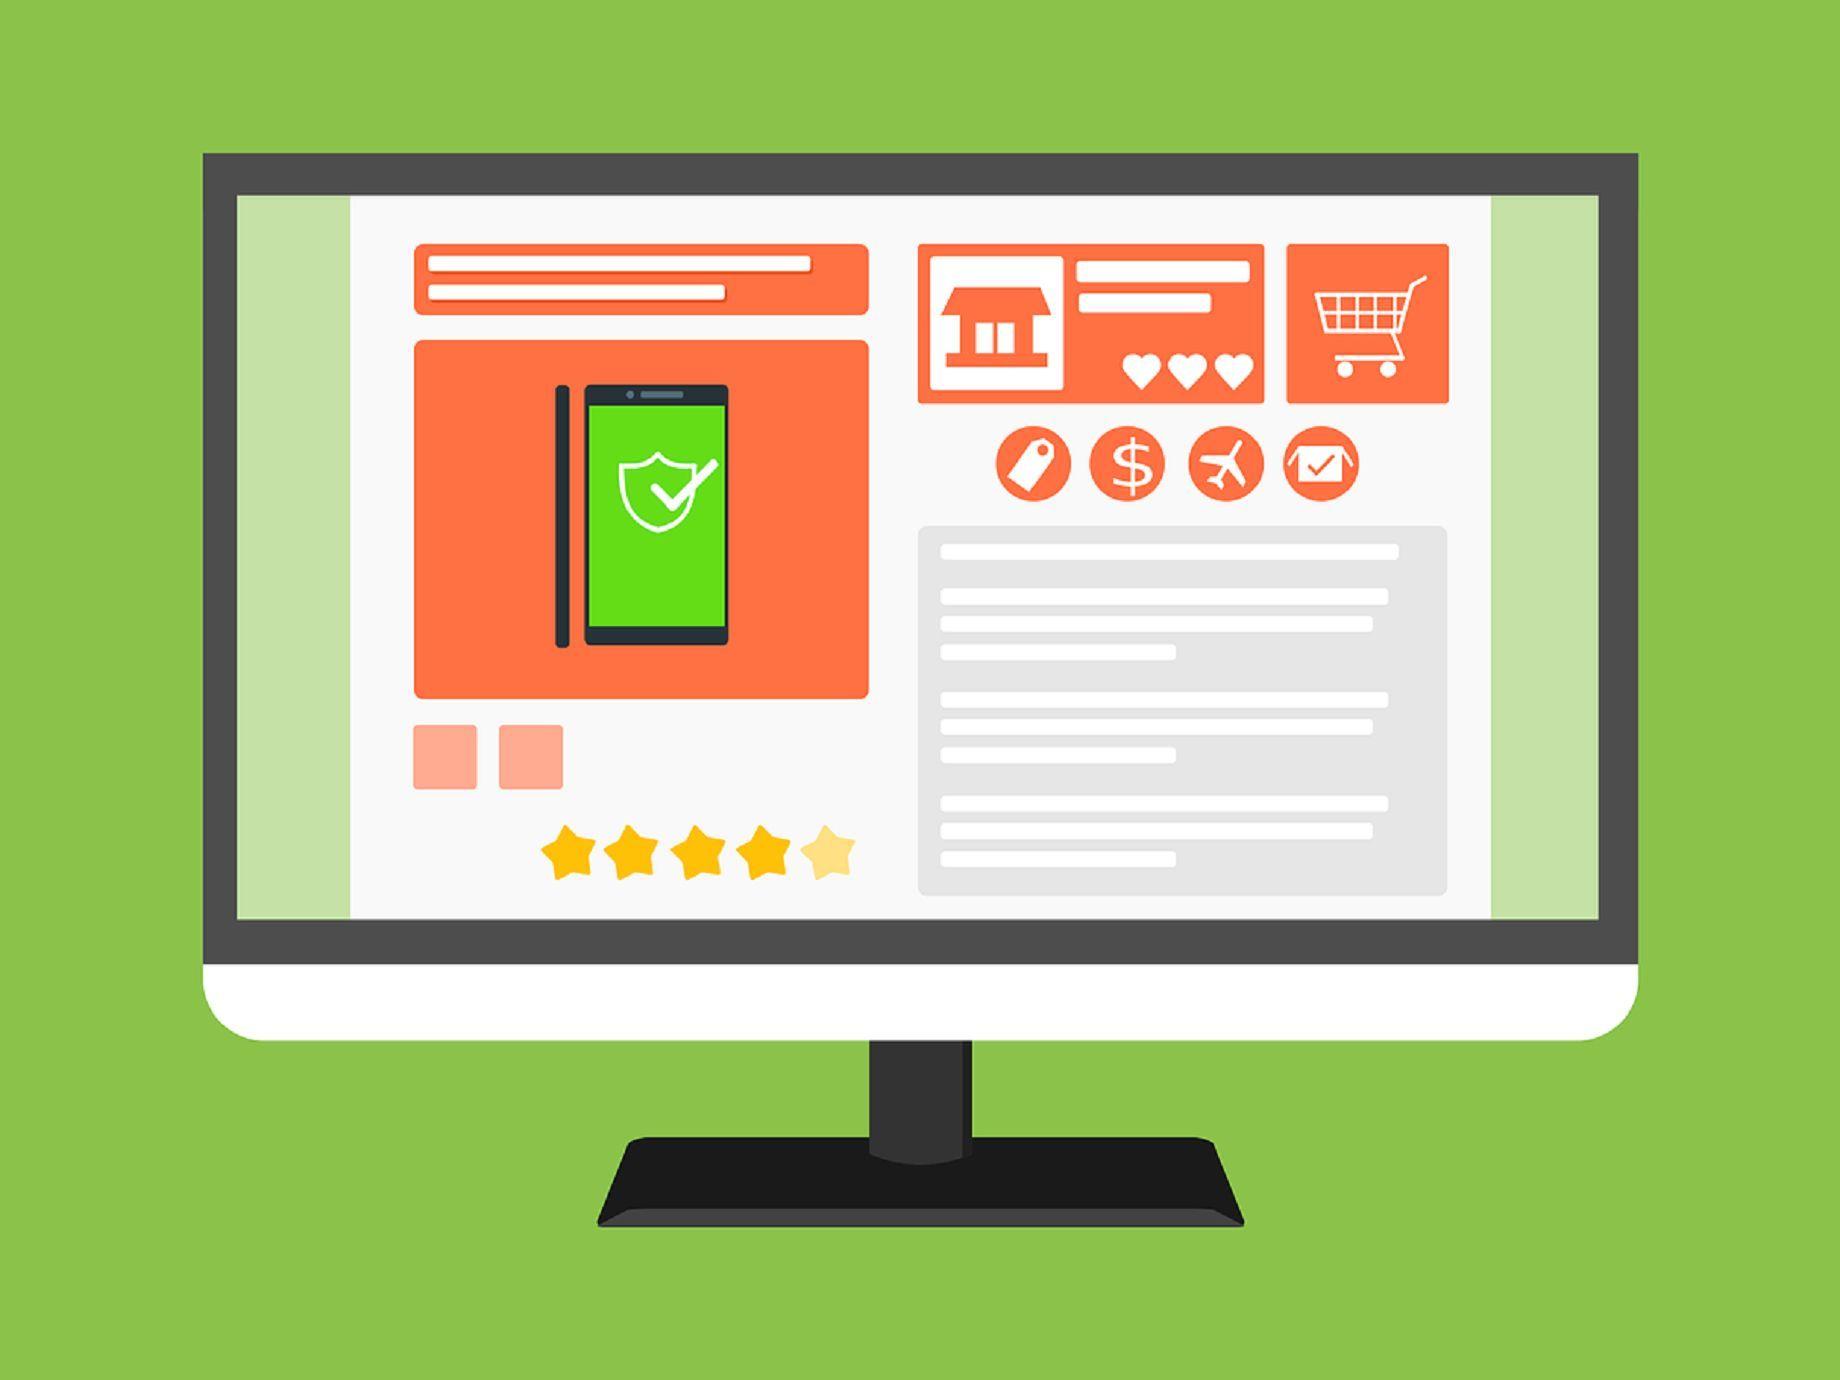 結個帳好困難?降低客戶互動成本的3個步驟